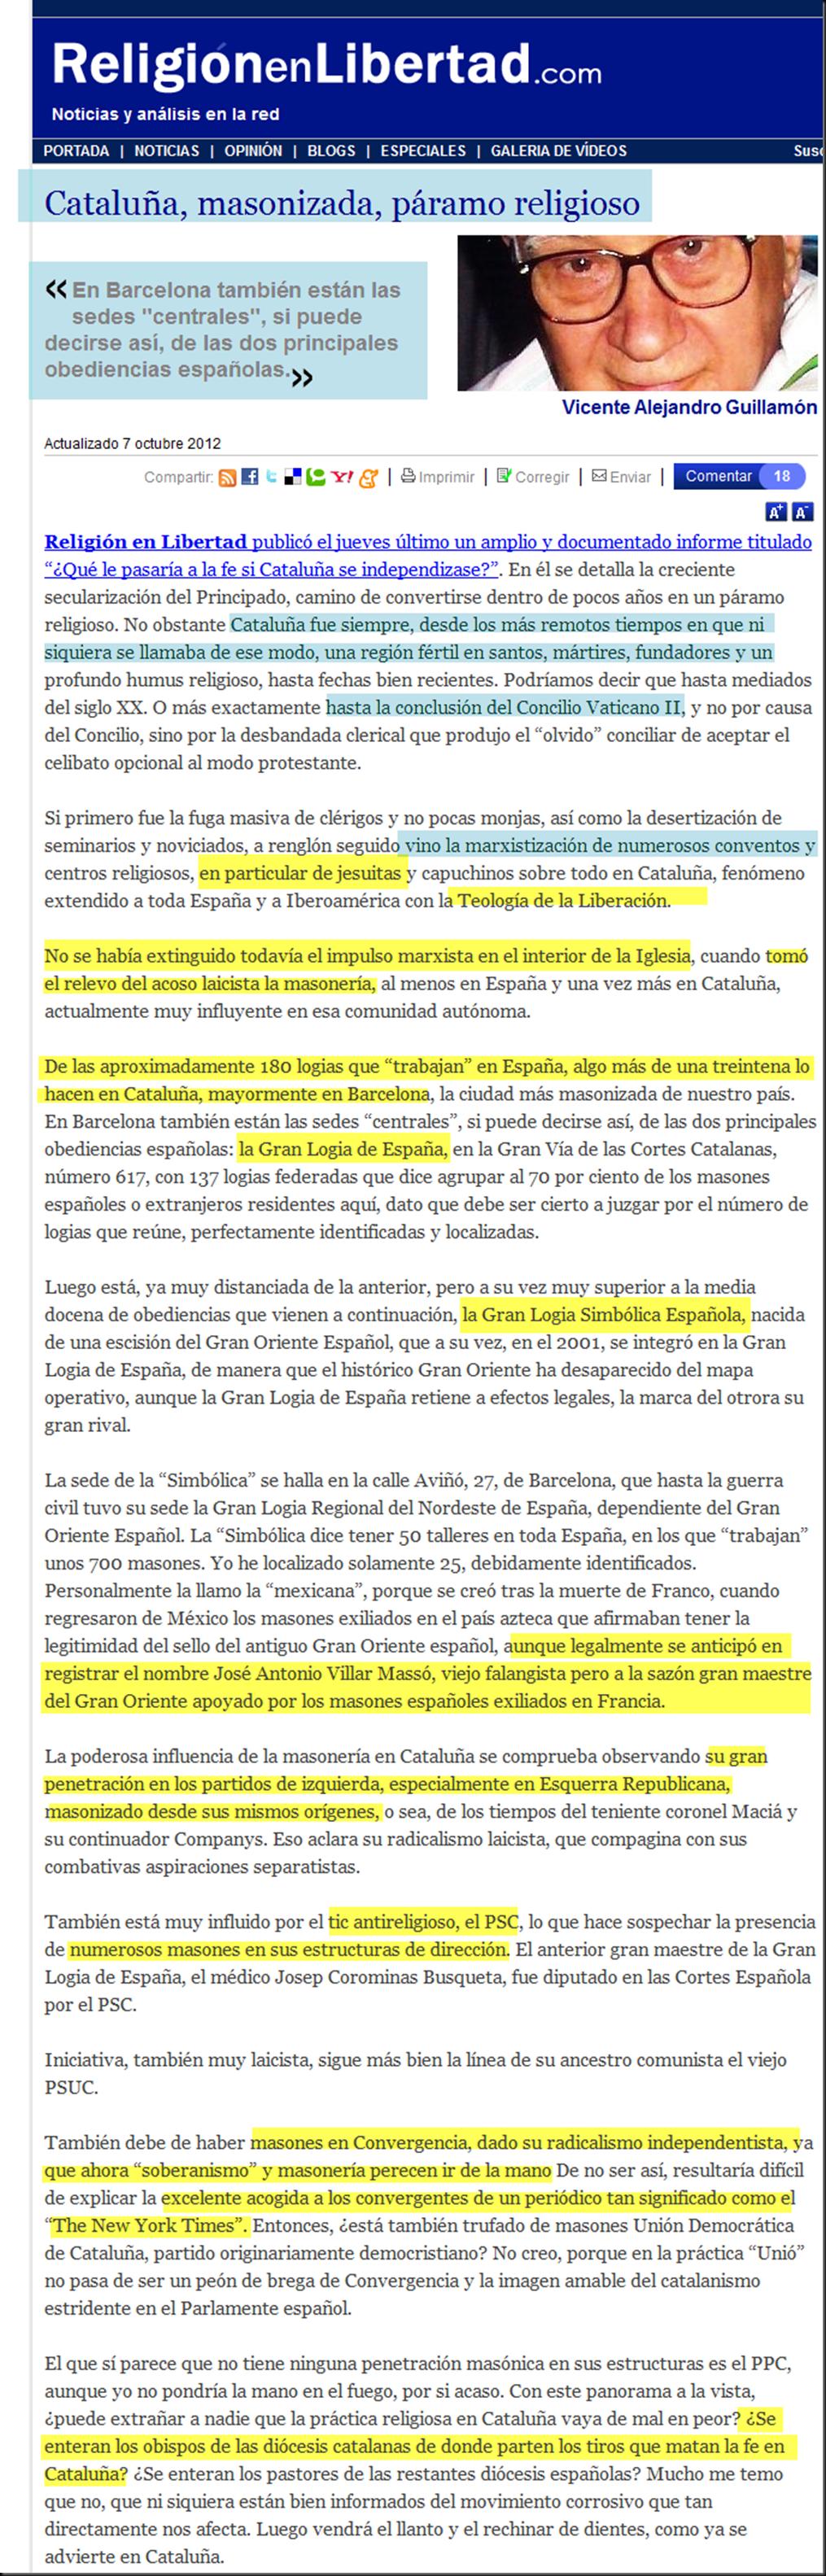 La doctrina de liberación jesuita tras la independencia de Cataluña Image_thumb13